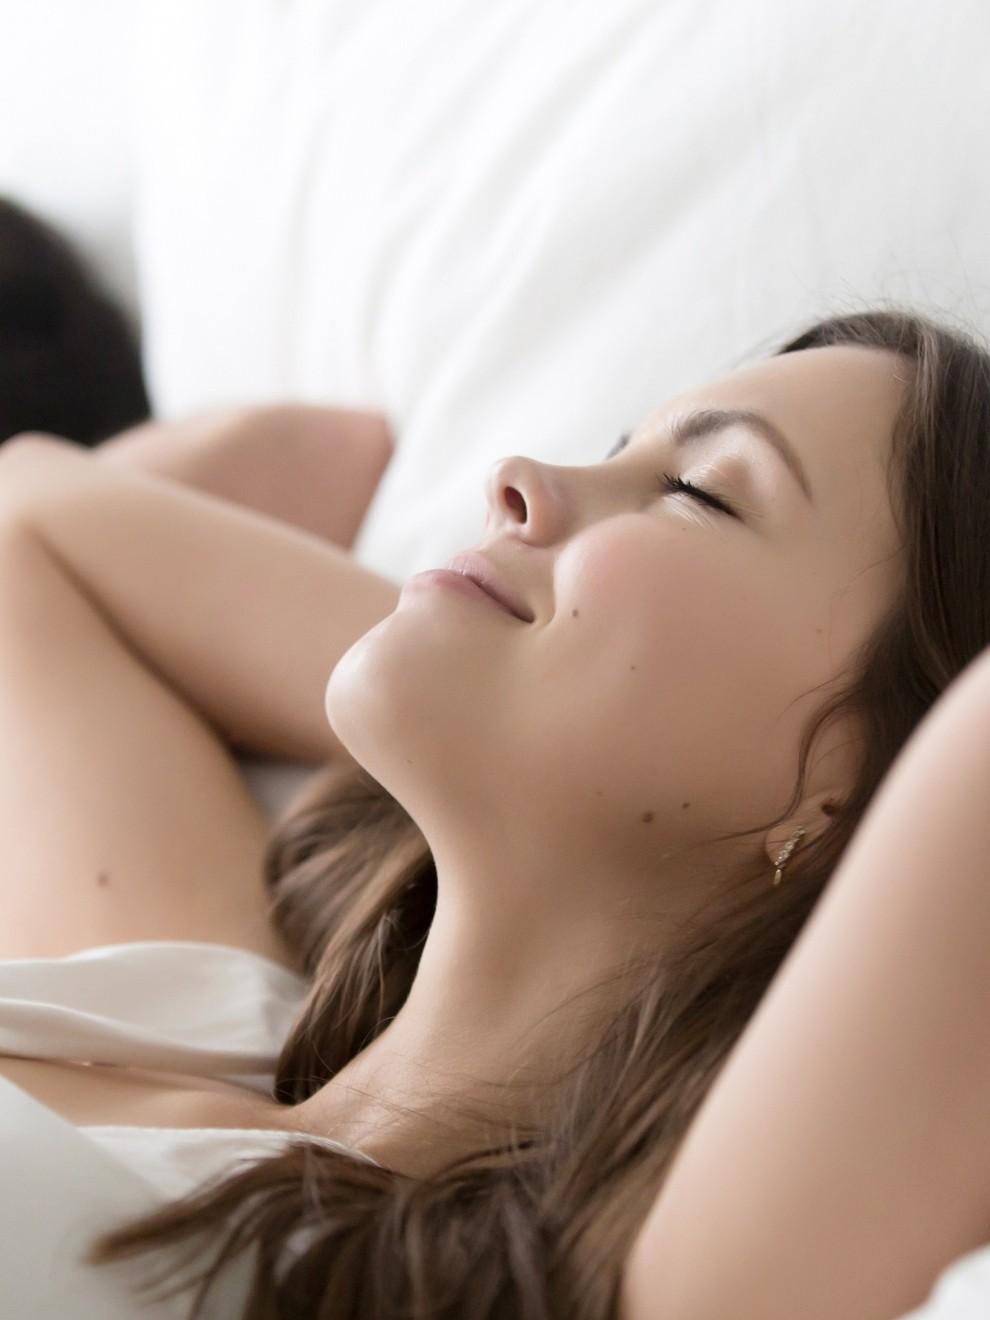 d2b42fee1 Sueños eróticos con fantasías sexuales  haz tus sueños realidad